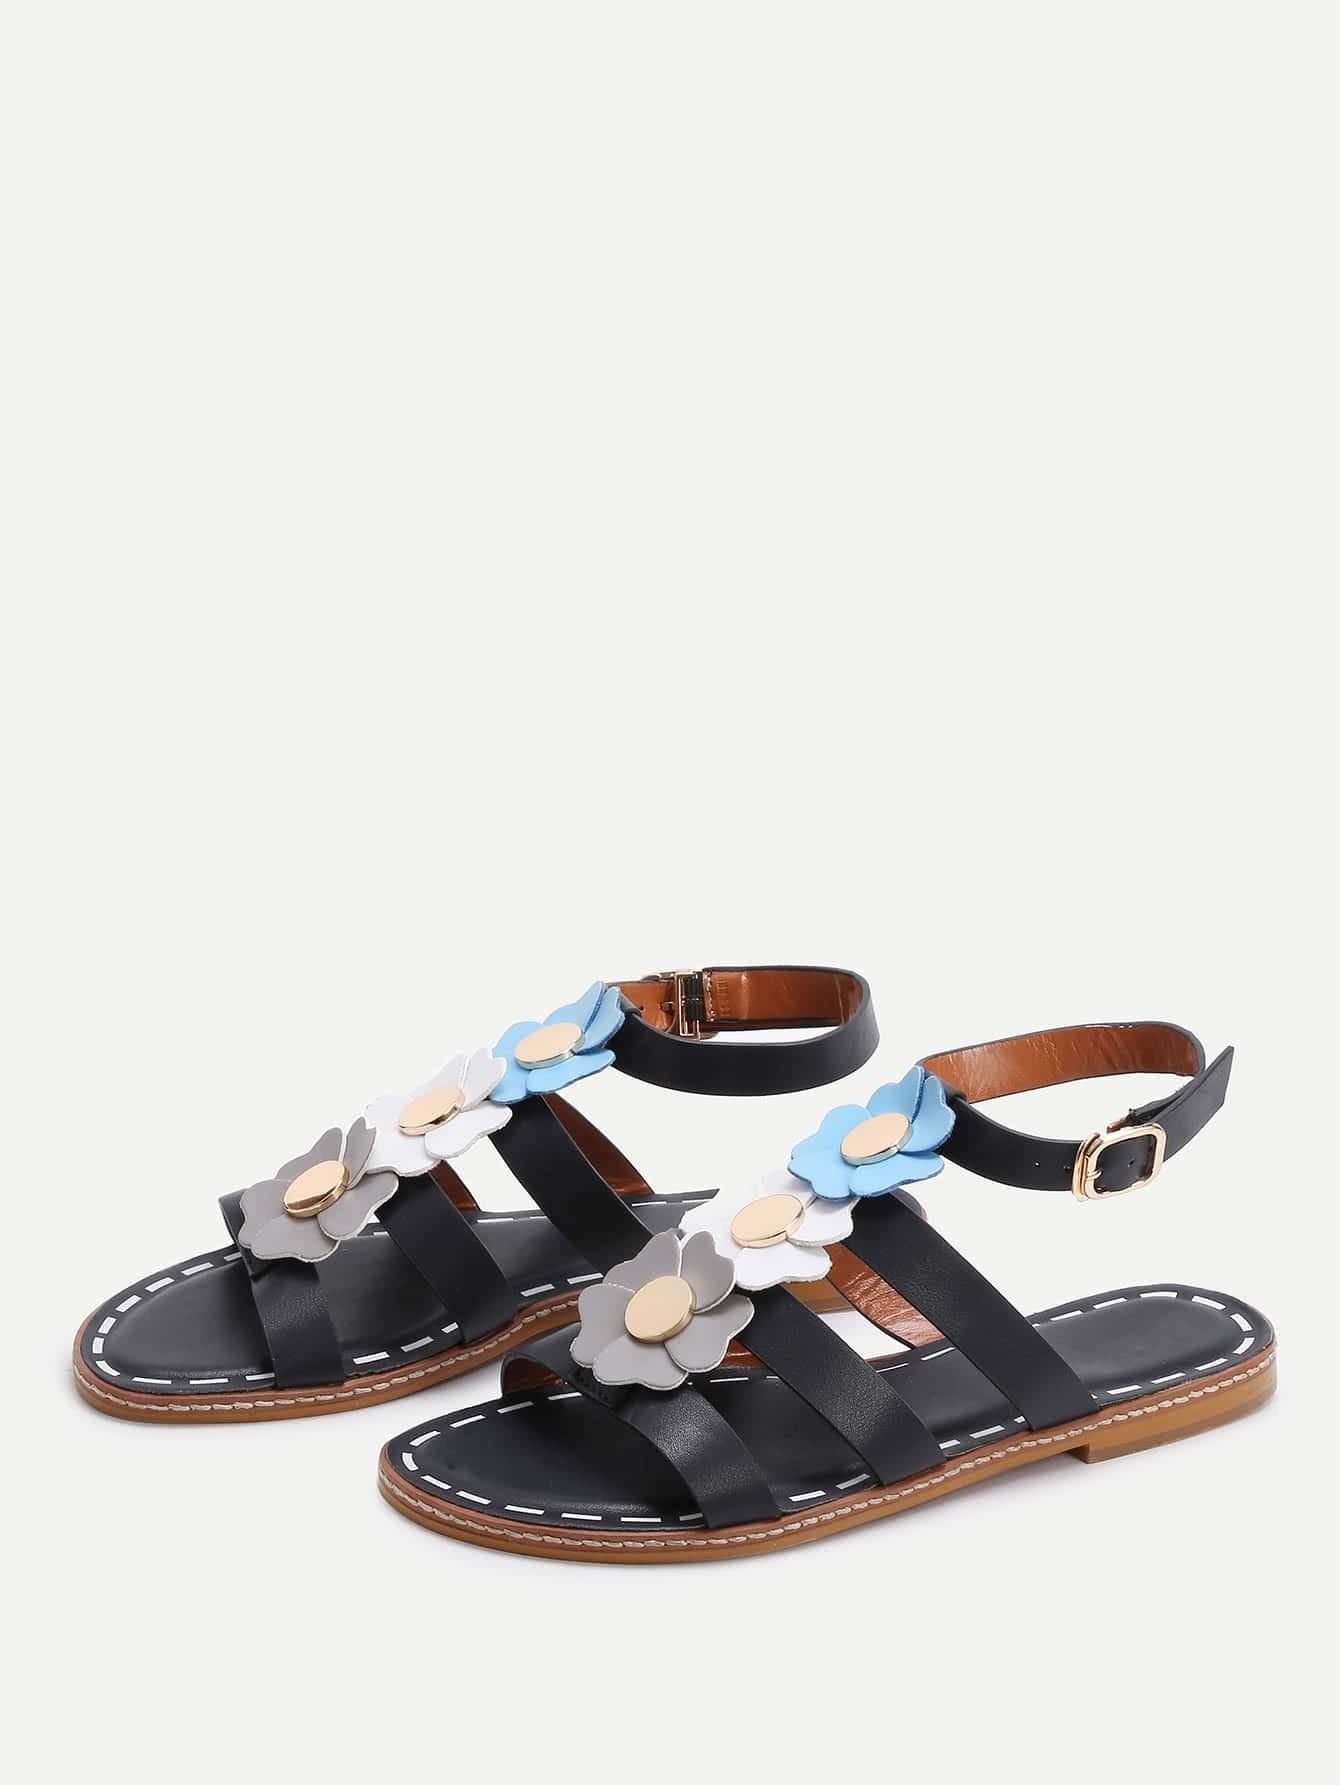 shoes170517817_2